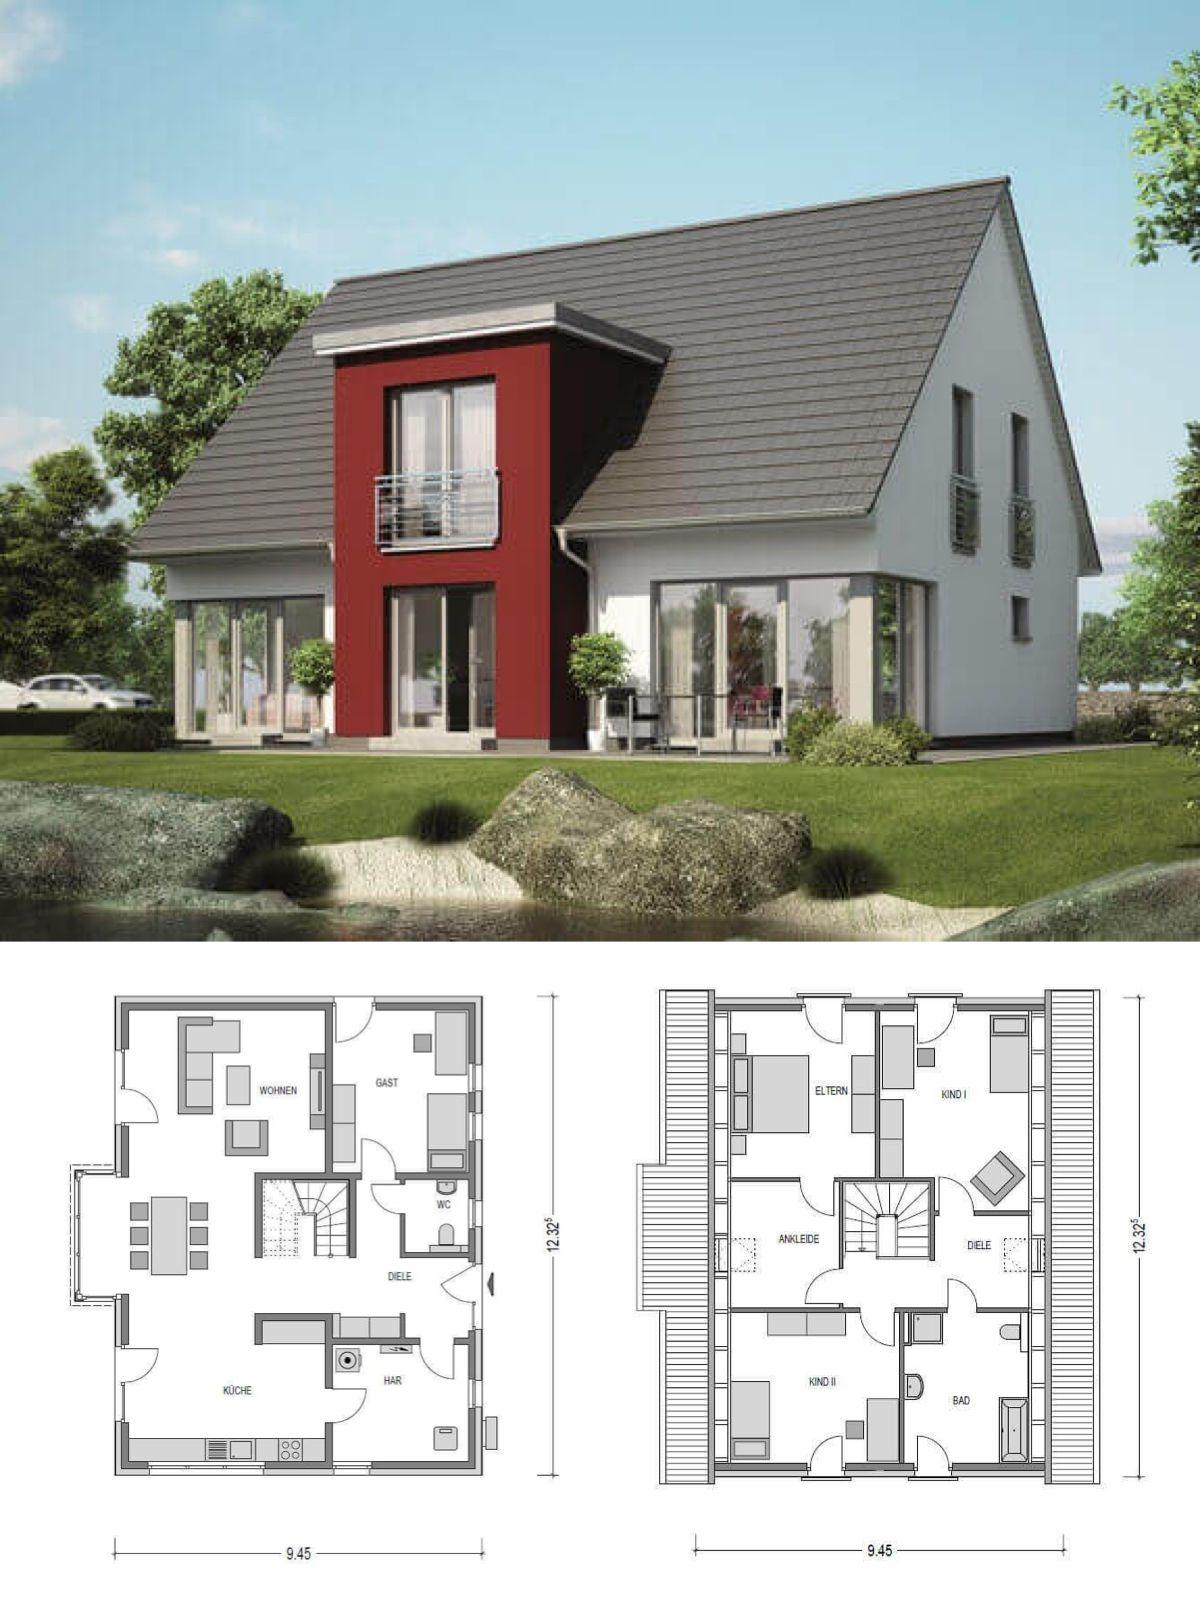 Modernes einfamilienhaus klassisch mit satteldach for Modernes einfamilienhaus grundriss